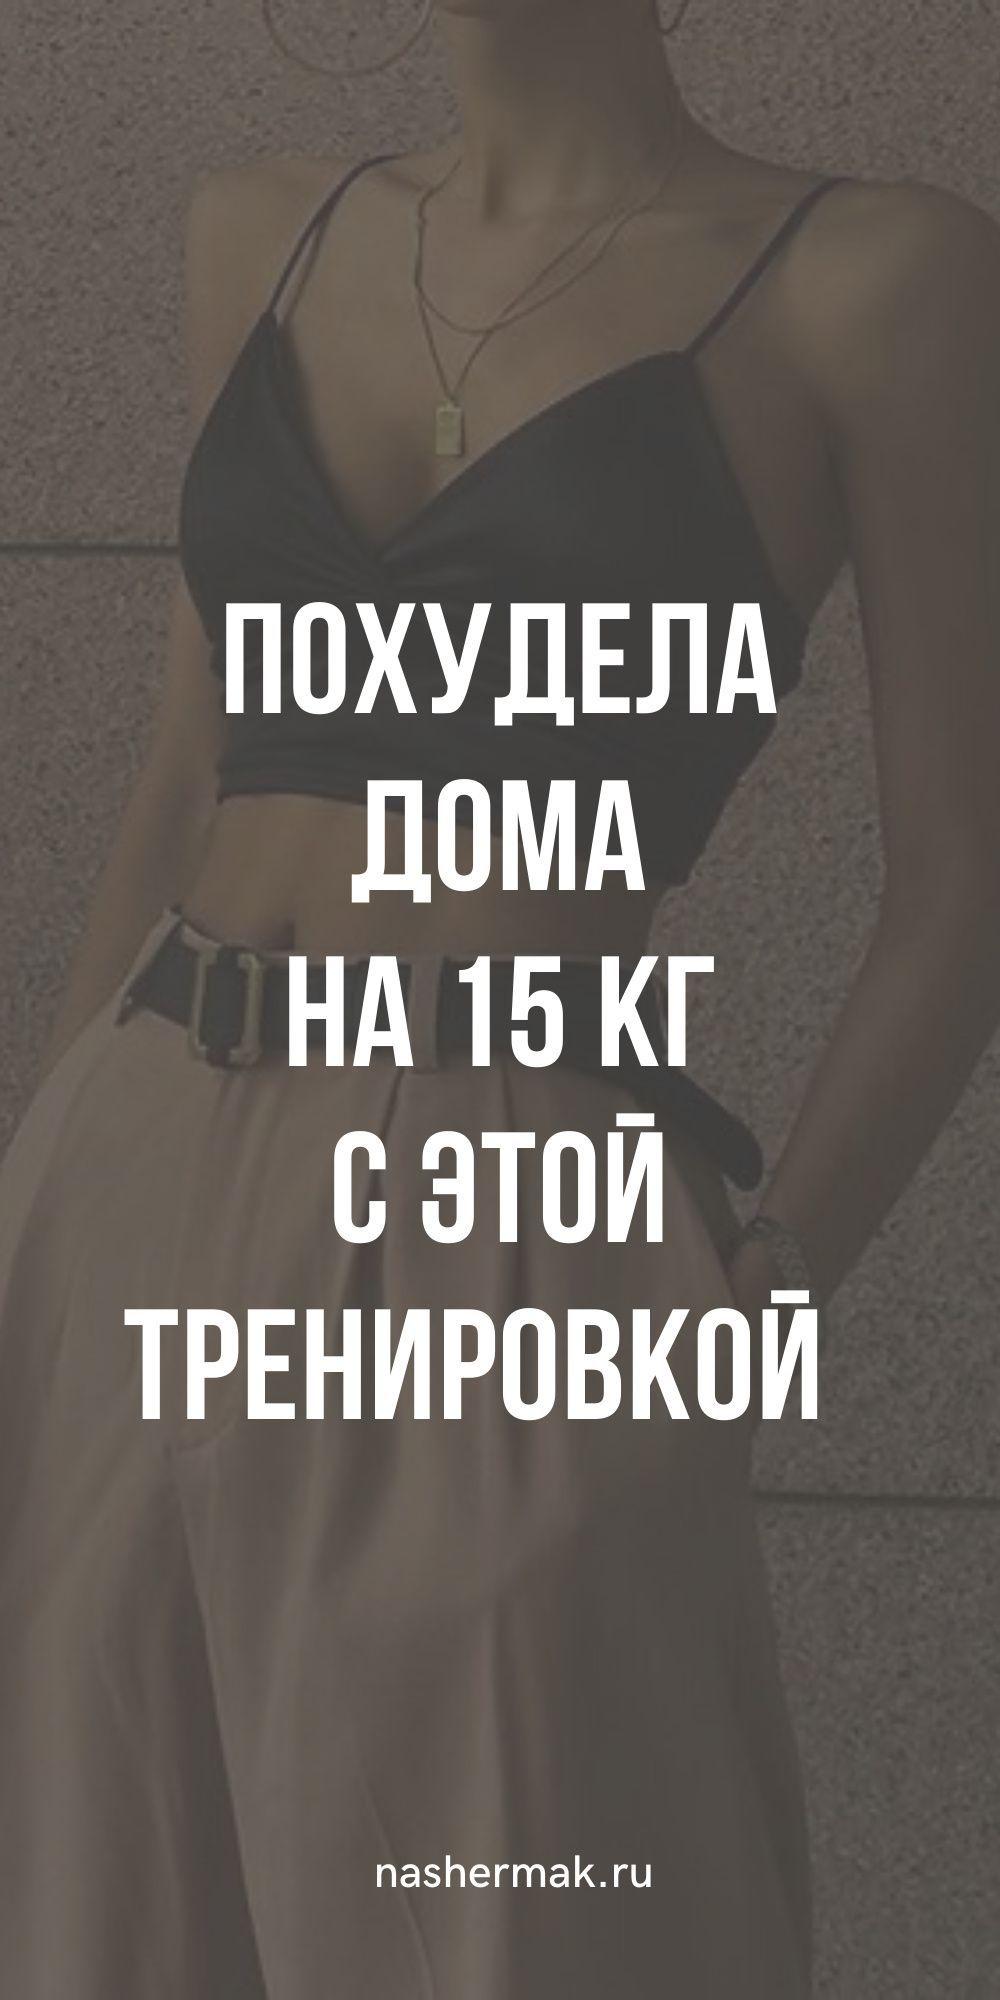 Тренировочные упражнения и тренировки для дома   nashermak.ru